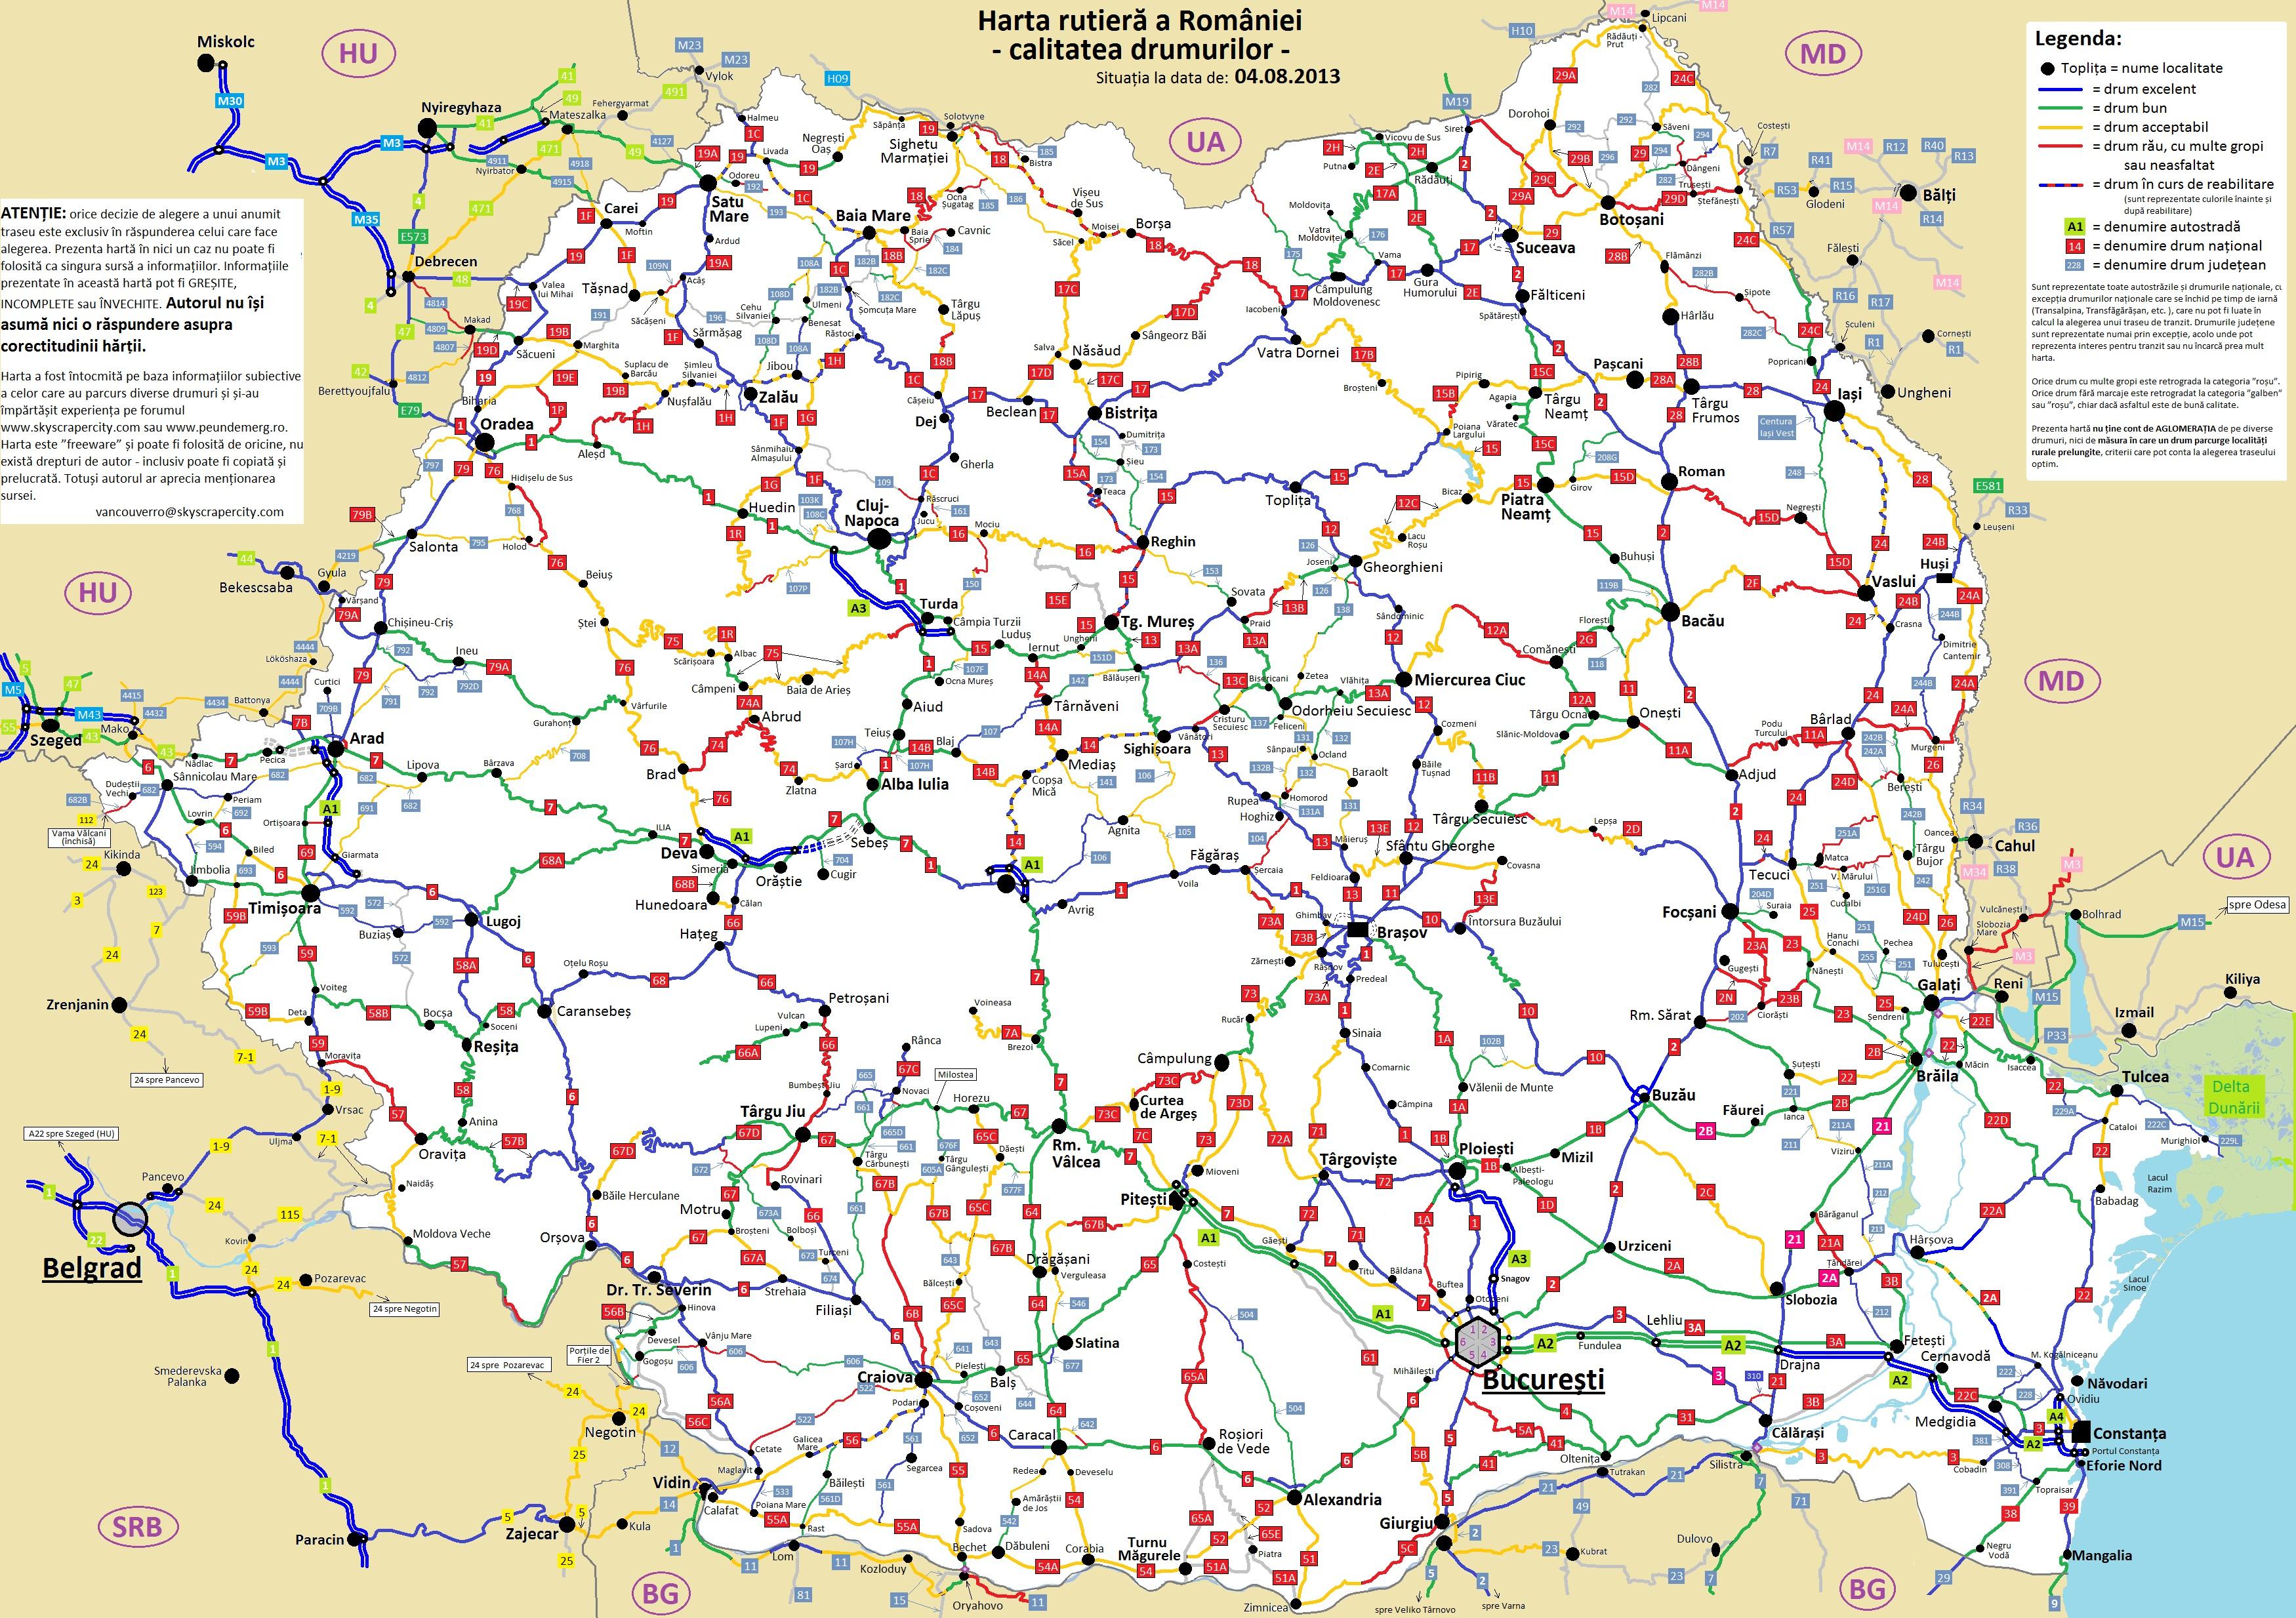 Harta Rutiera A Romaniei Calitatea Drumurilor Live Map